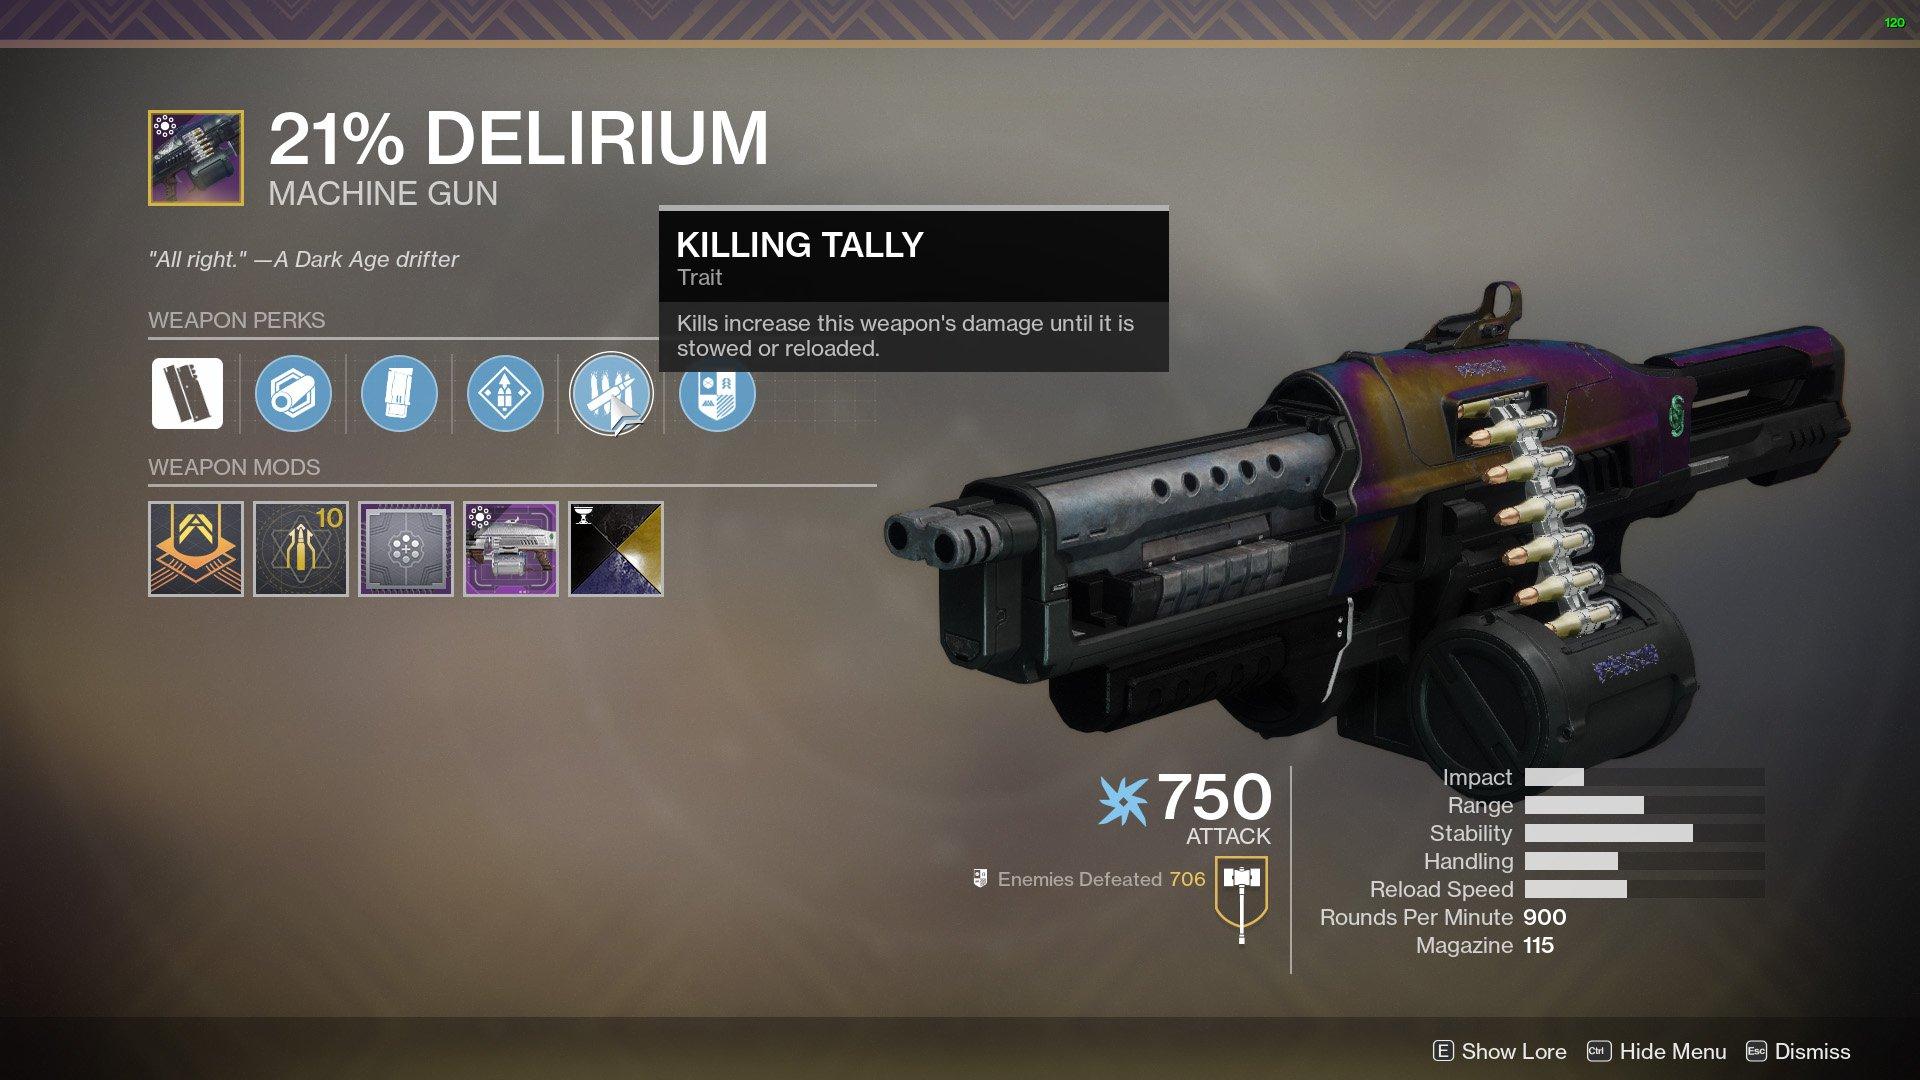 21% Delirium